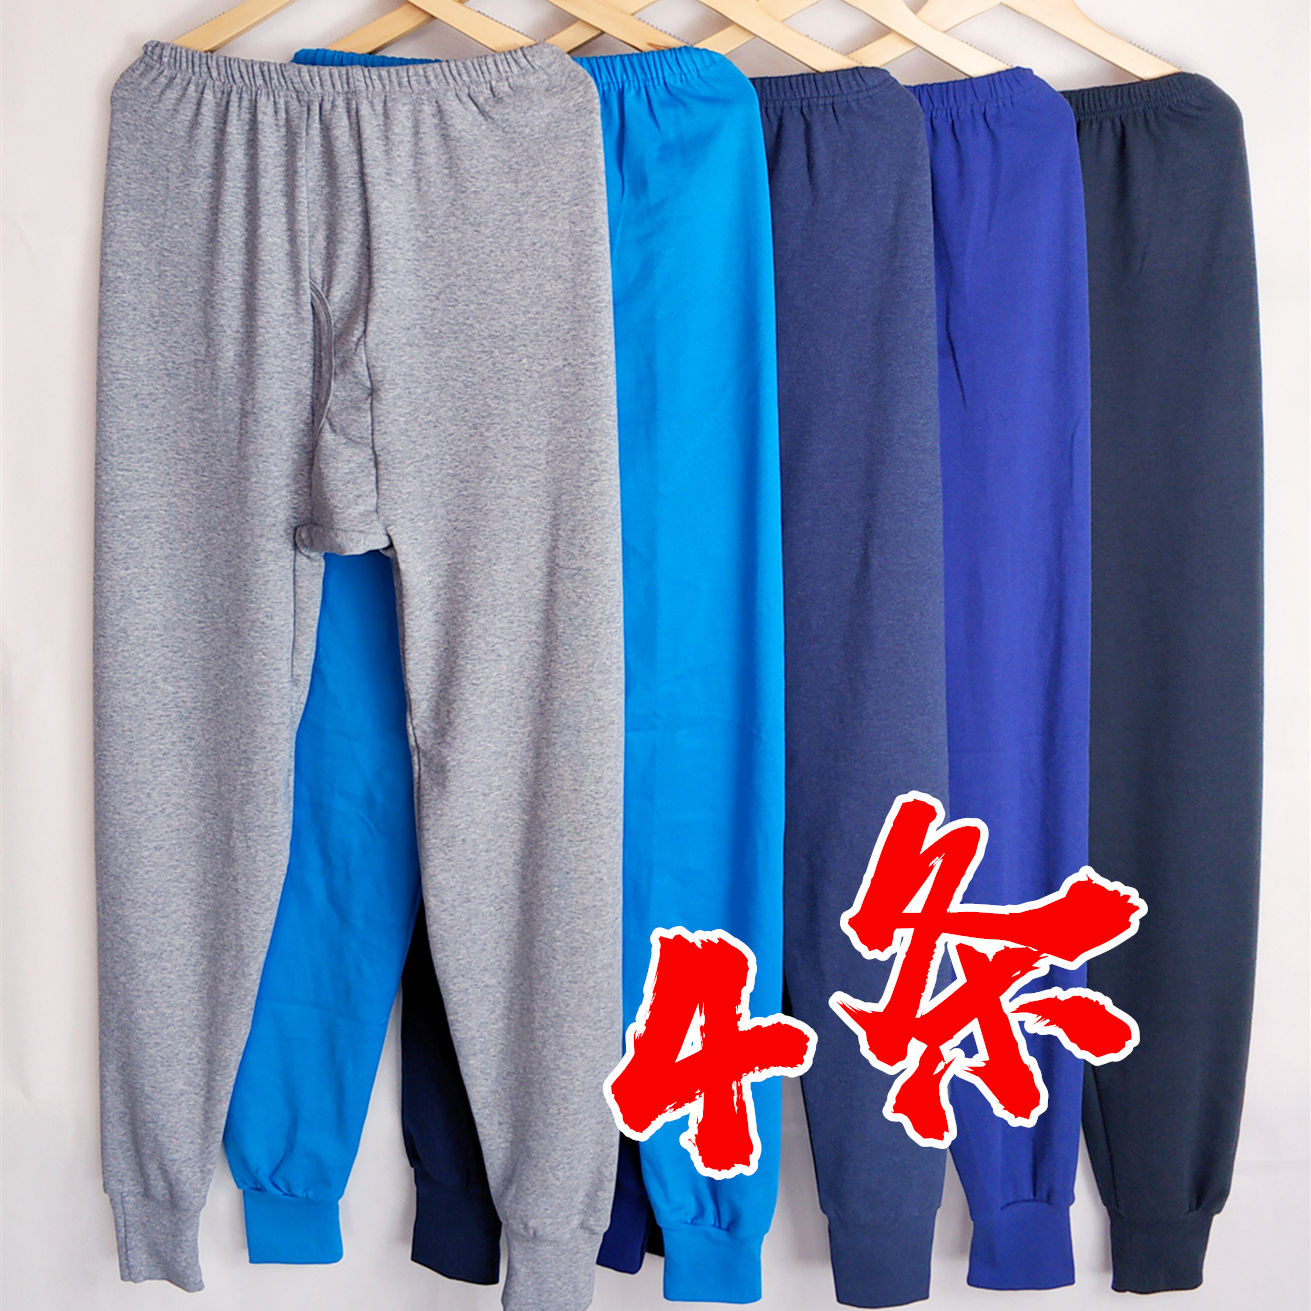 男士秋裤男保暖裤男加绒加厚绒裤男宽松衬裤线裤薄款单件加肥弹力